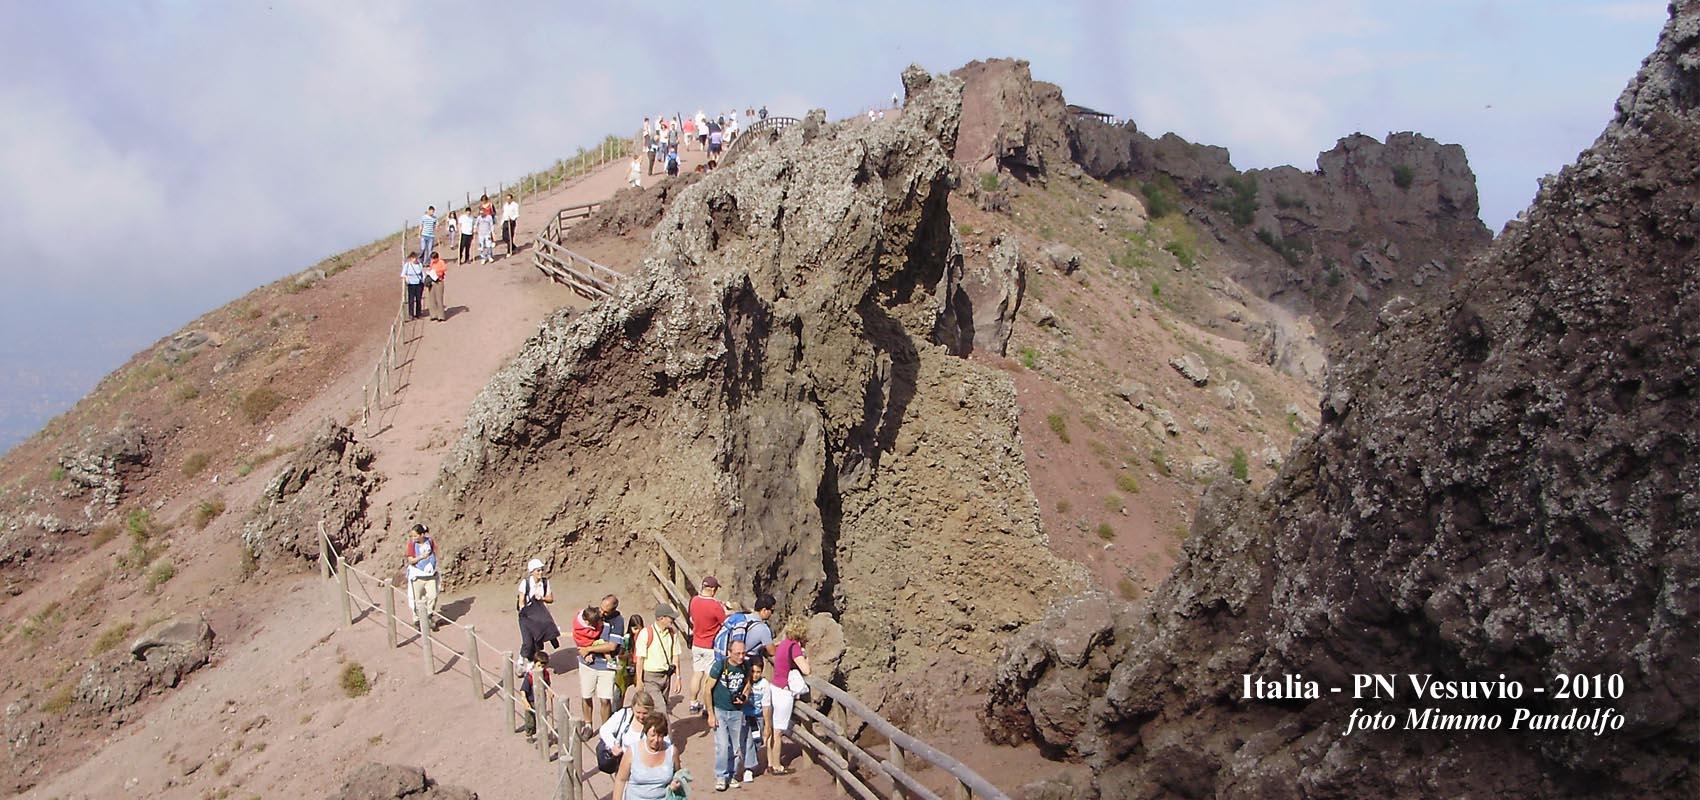 Italia, PN Vesuvio - 2010